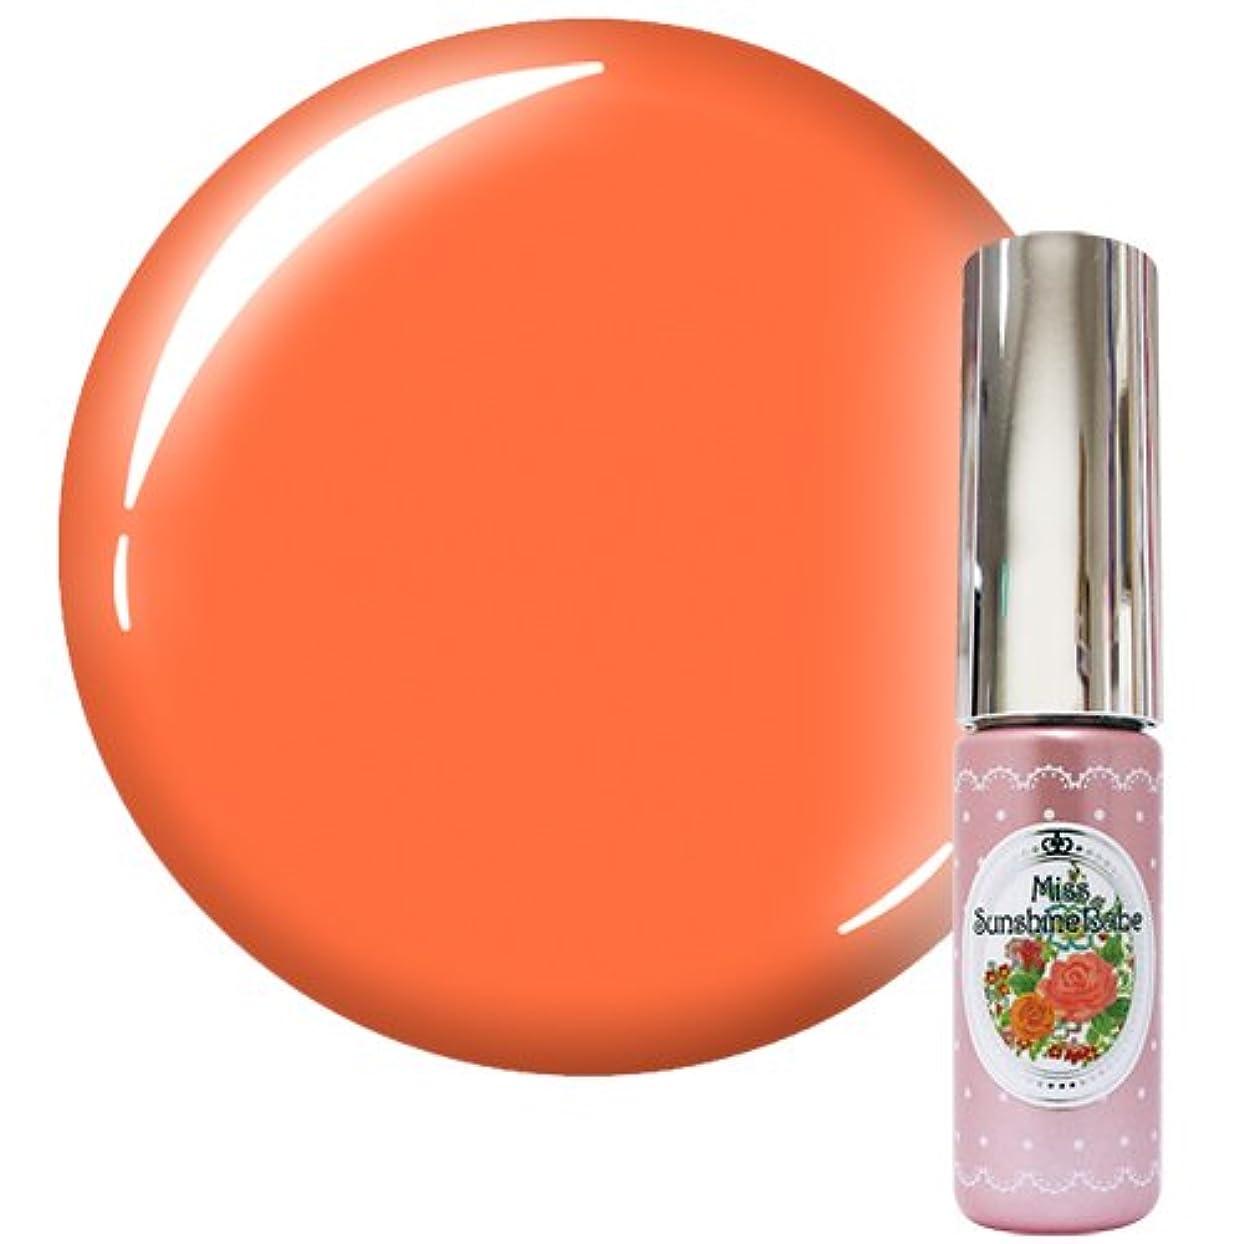 みすぼらしい偉業理論Miss SunshineBabe ミス サンシャインベビー カラージェル MC-33 5g サマーパステルオレンジ